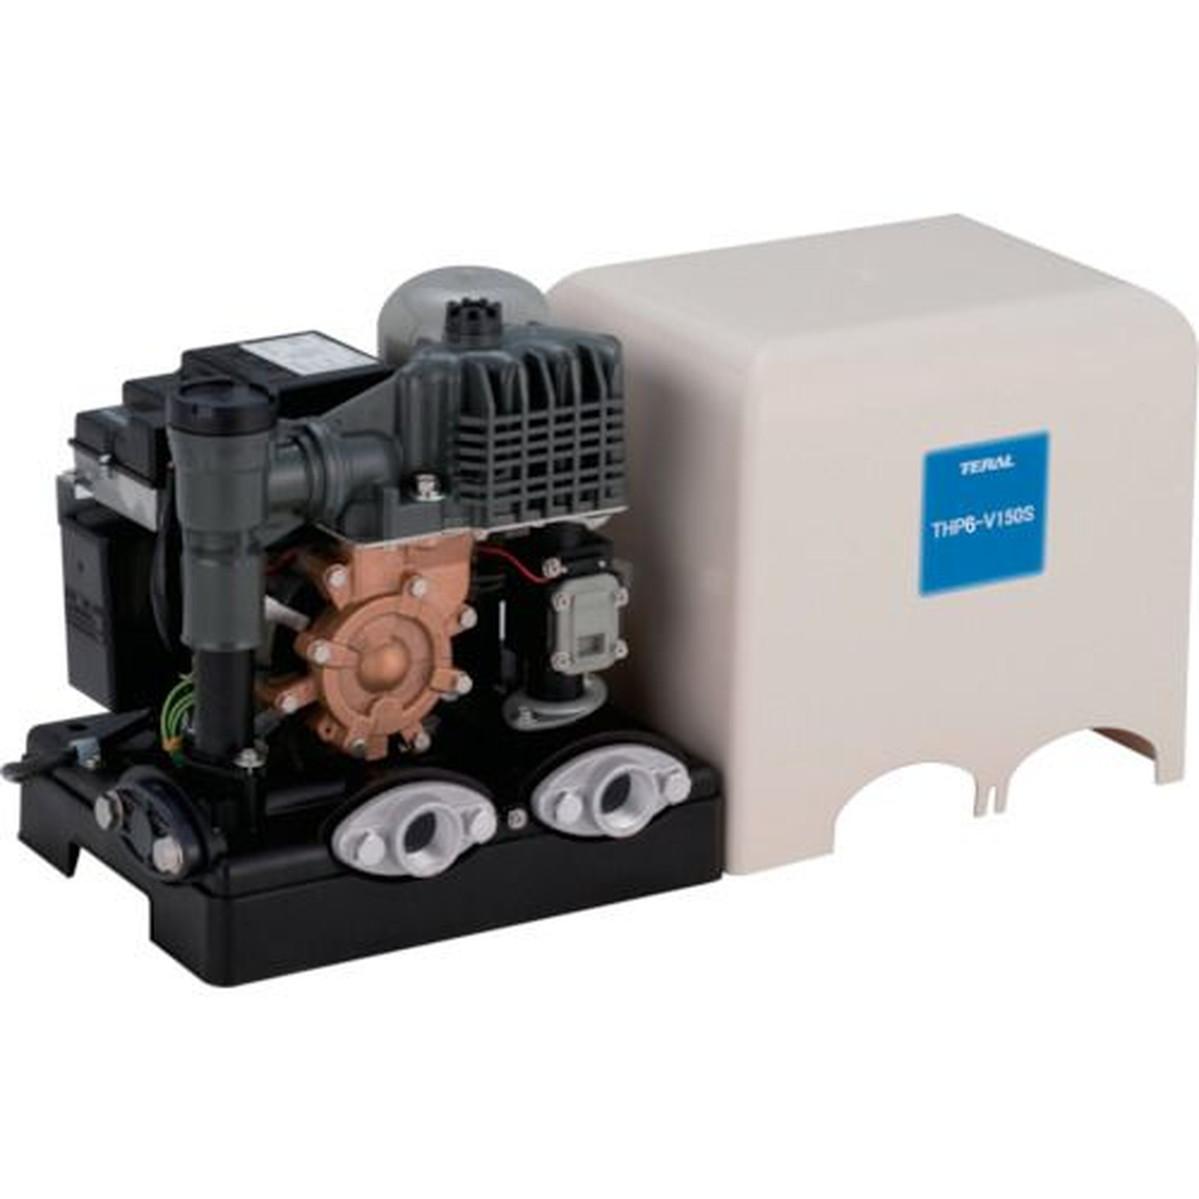 【ついに再販開始!】 テラル 浅井戸・水道加圧装置用インバータポンプ 1台, 暑寒岳 ddaa47aa